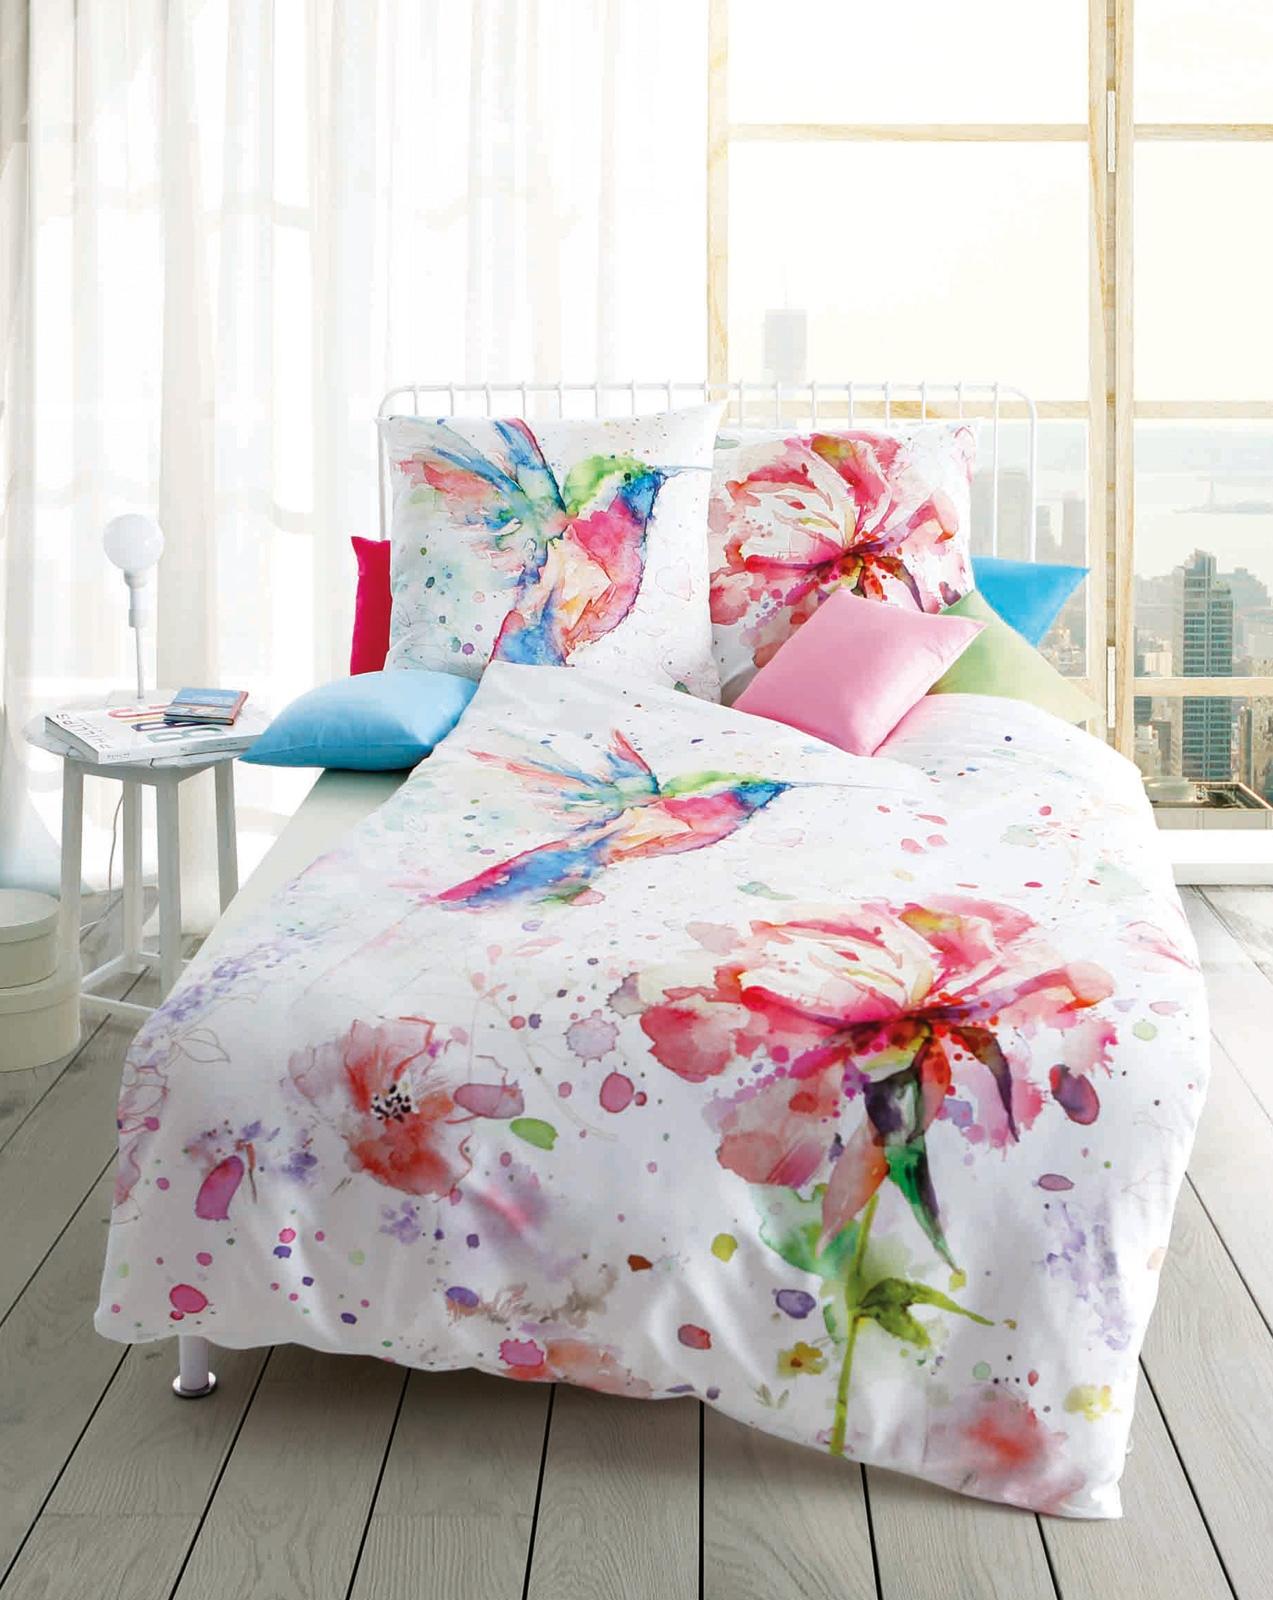 Bettwäsche - Kaeppel Mako Satin Bettwäsche Designer Digital Hummingbird pink 962 618 Aufbewahrungsbeutel  - Onlineshop PremiumShop321